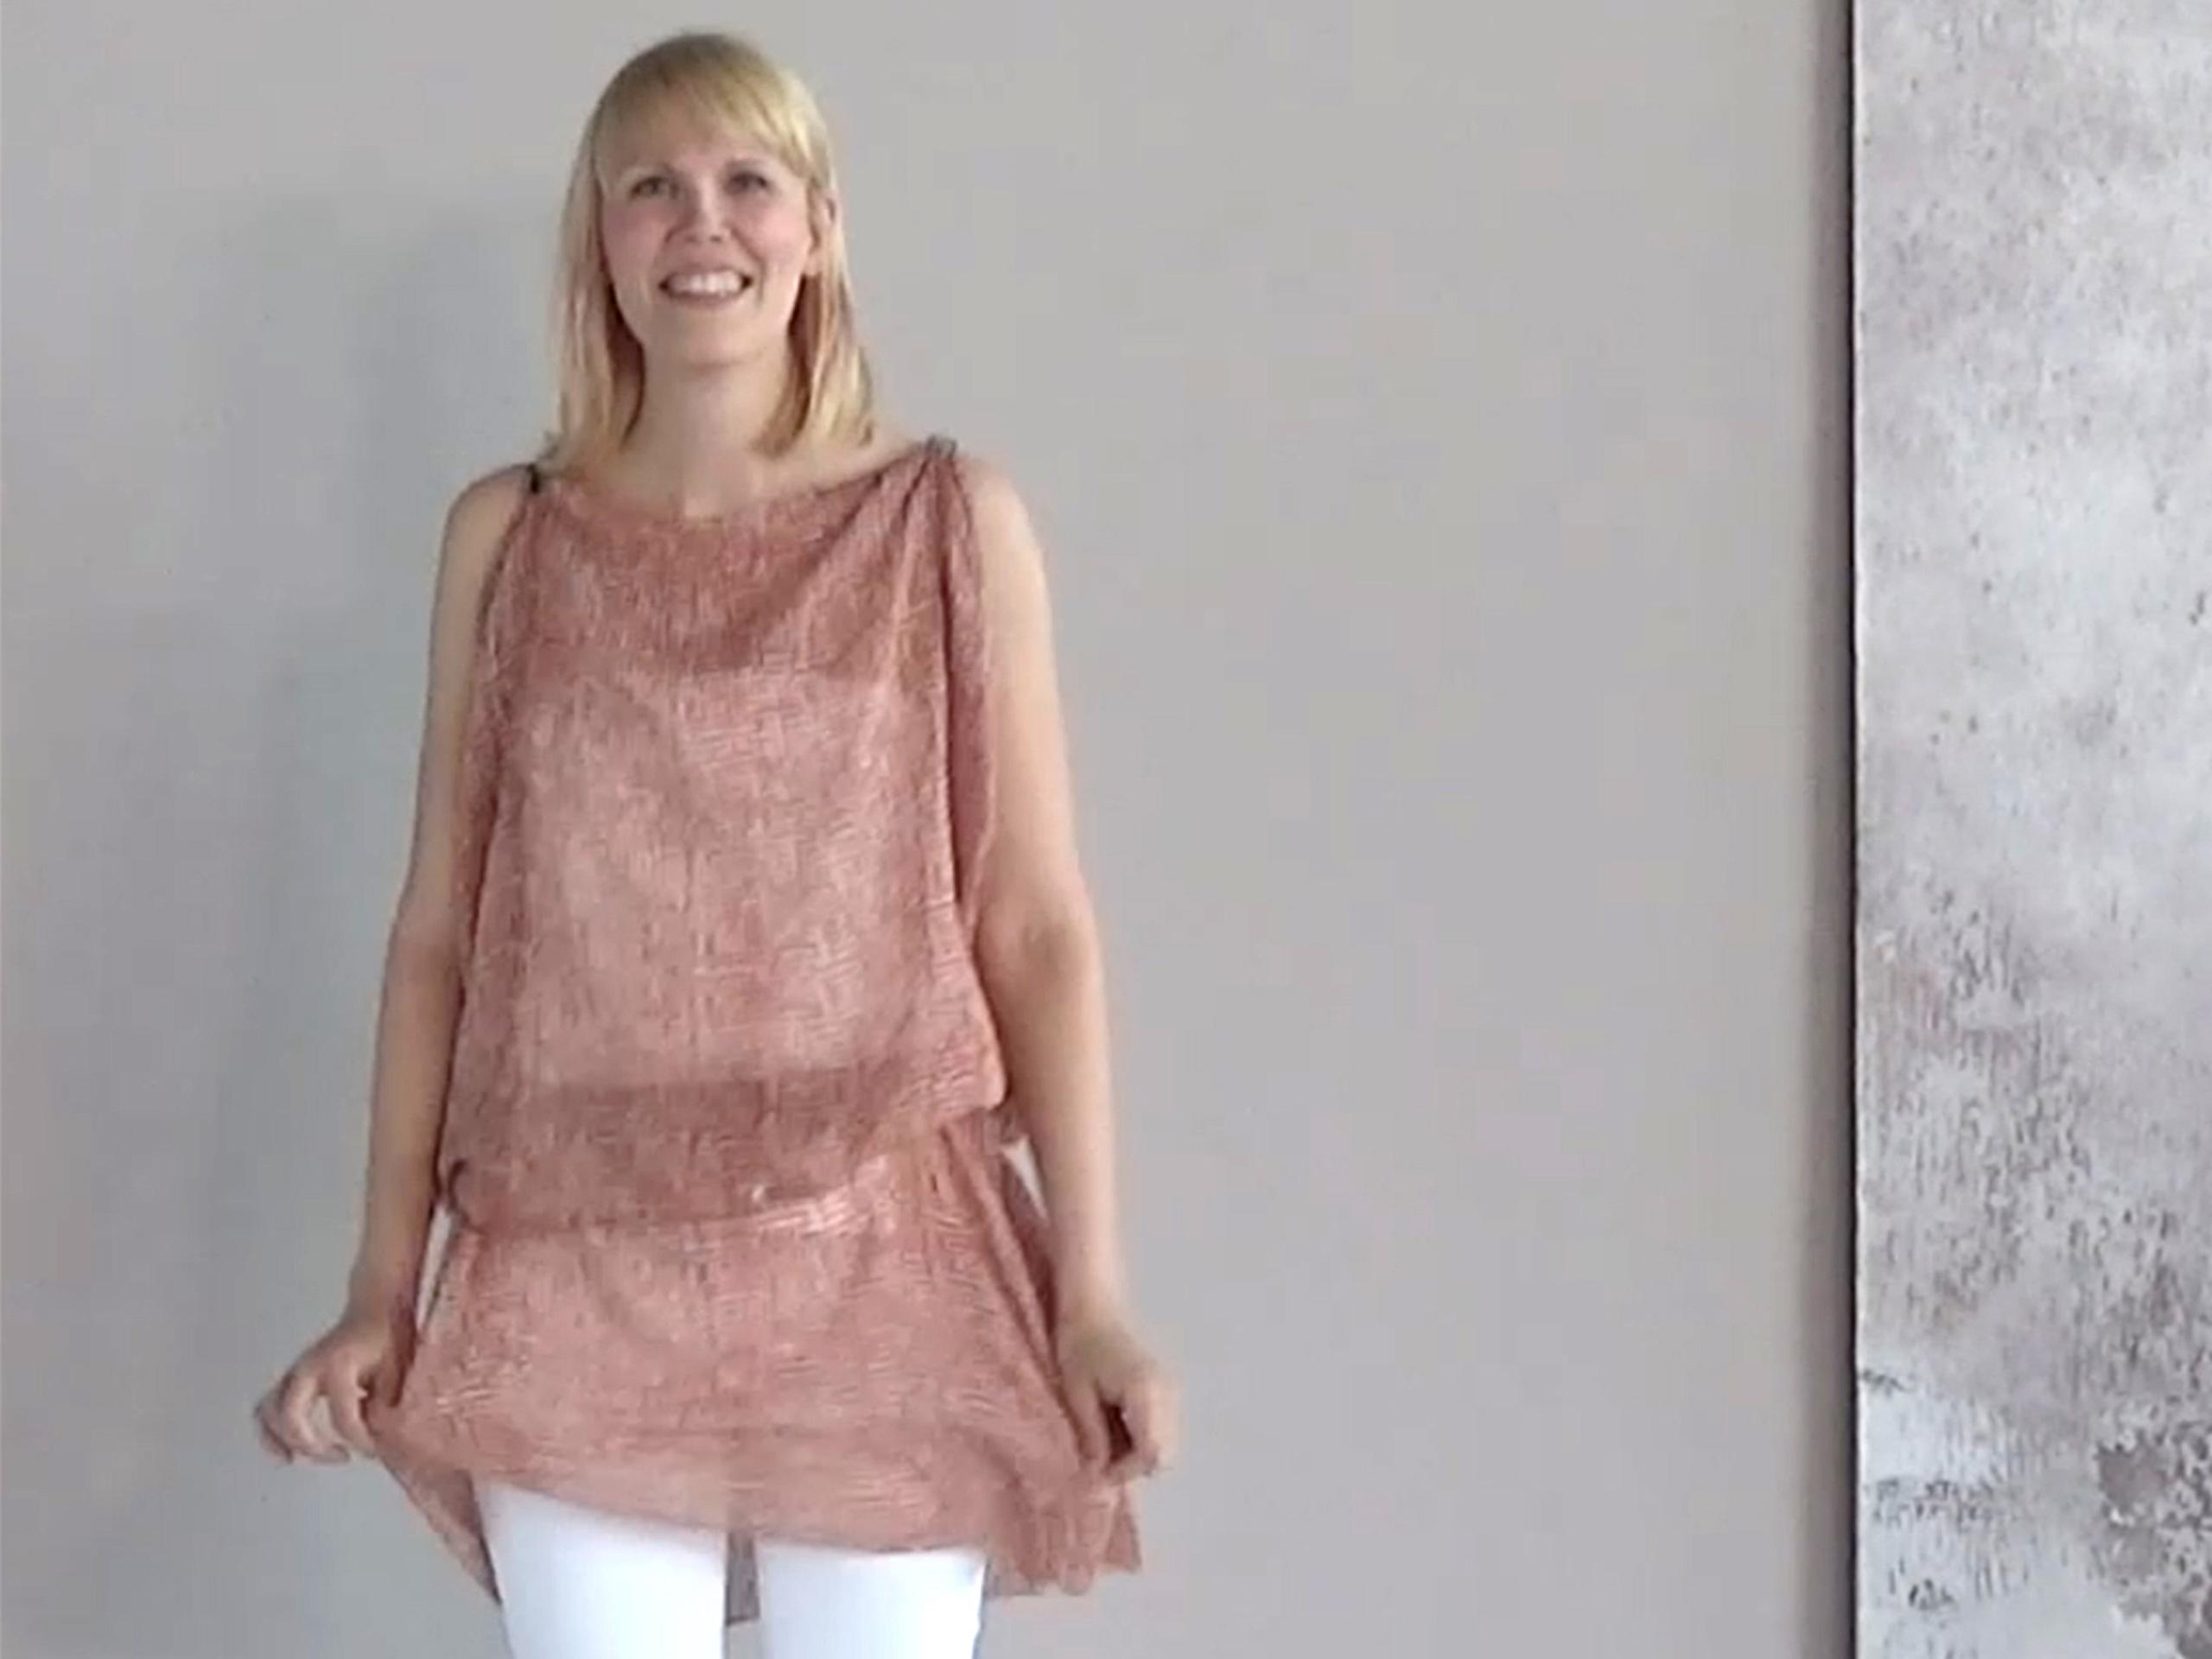 Onko bolero hihattoman mekon kanssa OUT? Mitä muita vaihtoehtoja on kuin bolero ja huivi, jos haluaa välillä olkapäät piiloon?